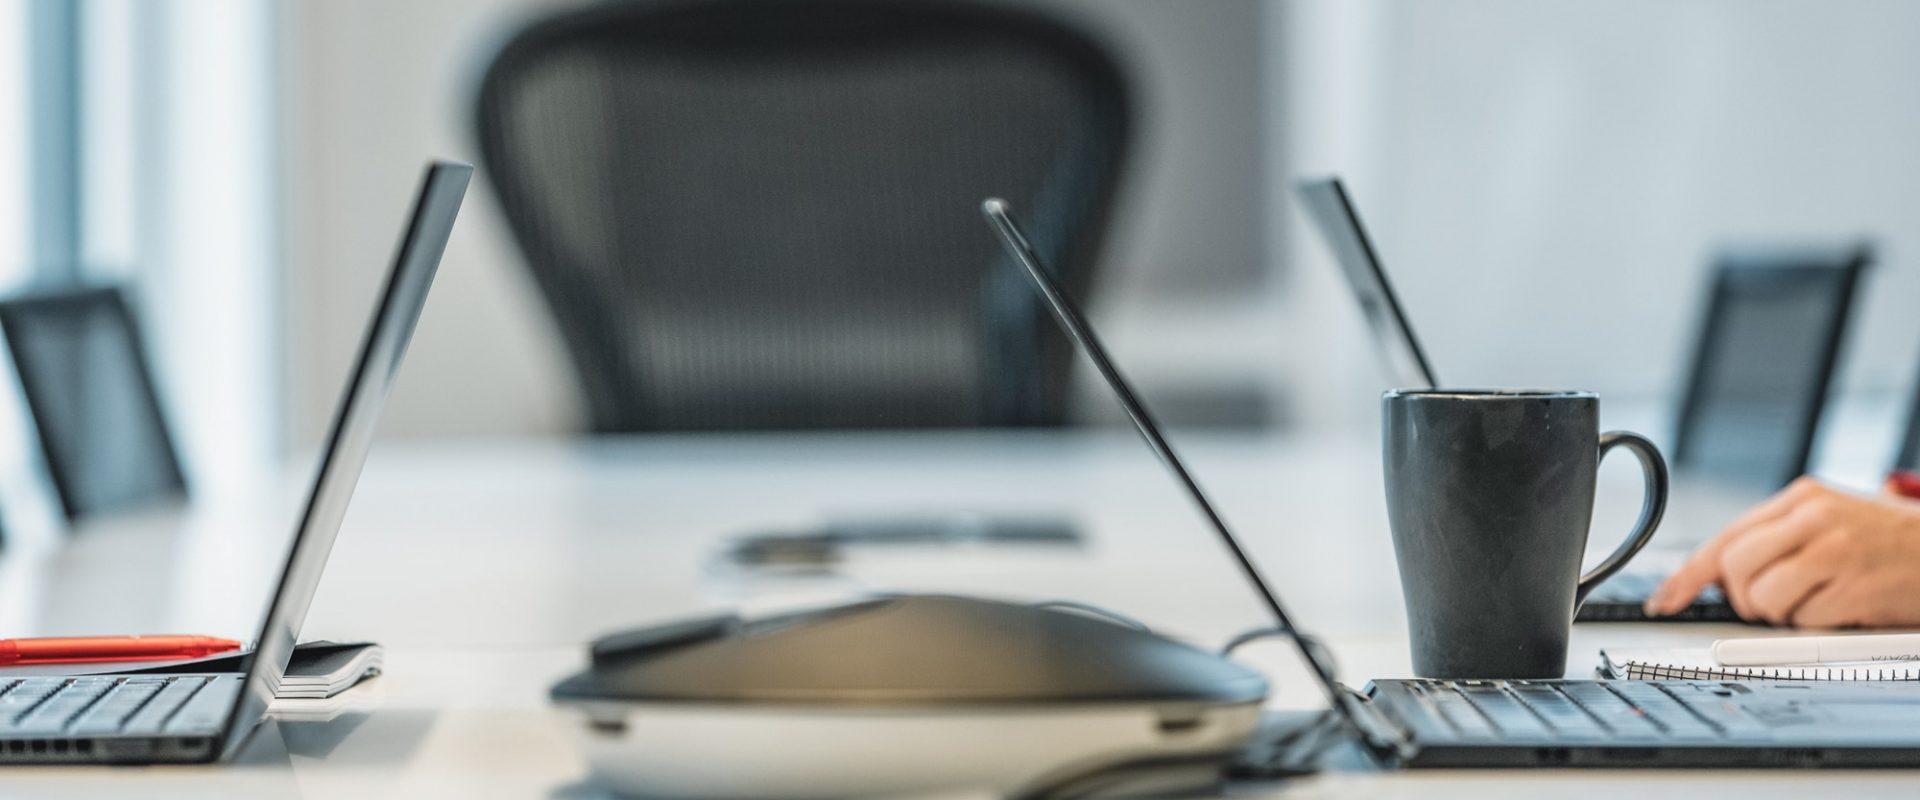 Viser et kontorbord eller arbeidsplass med flere laptoper